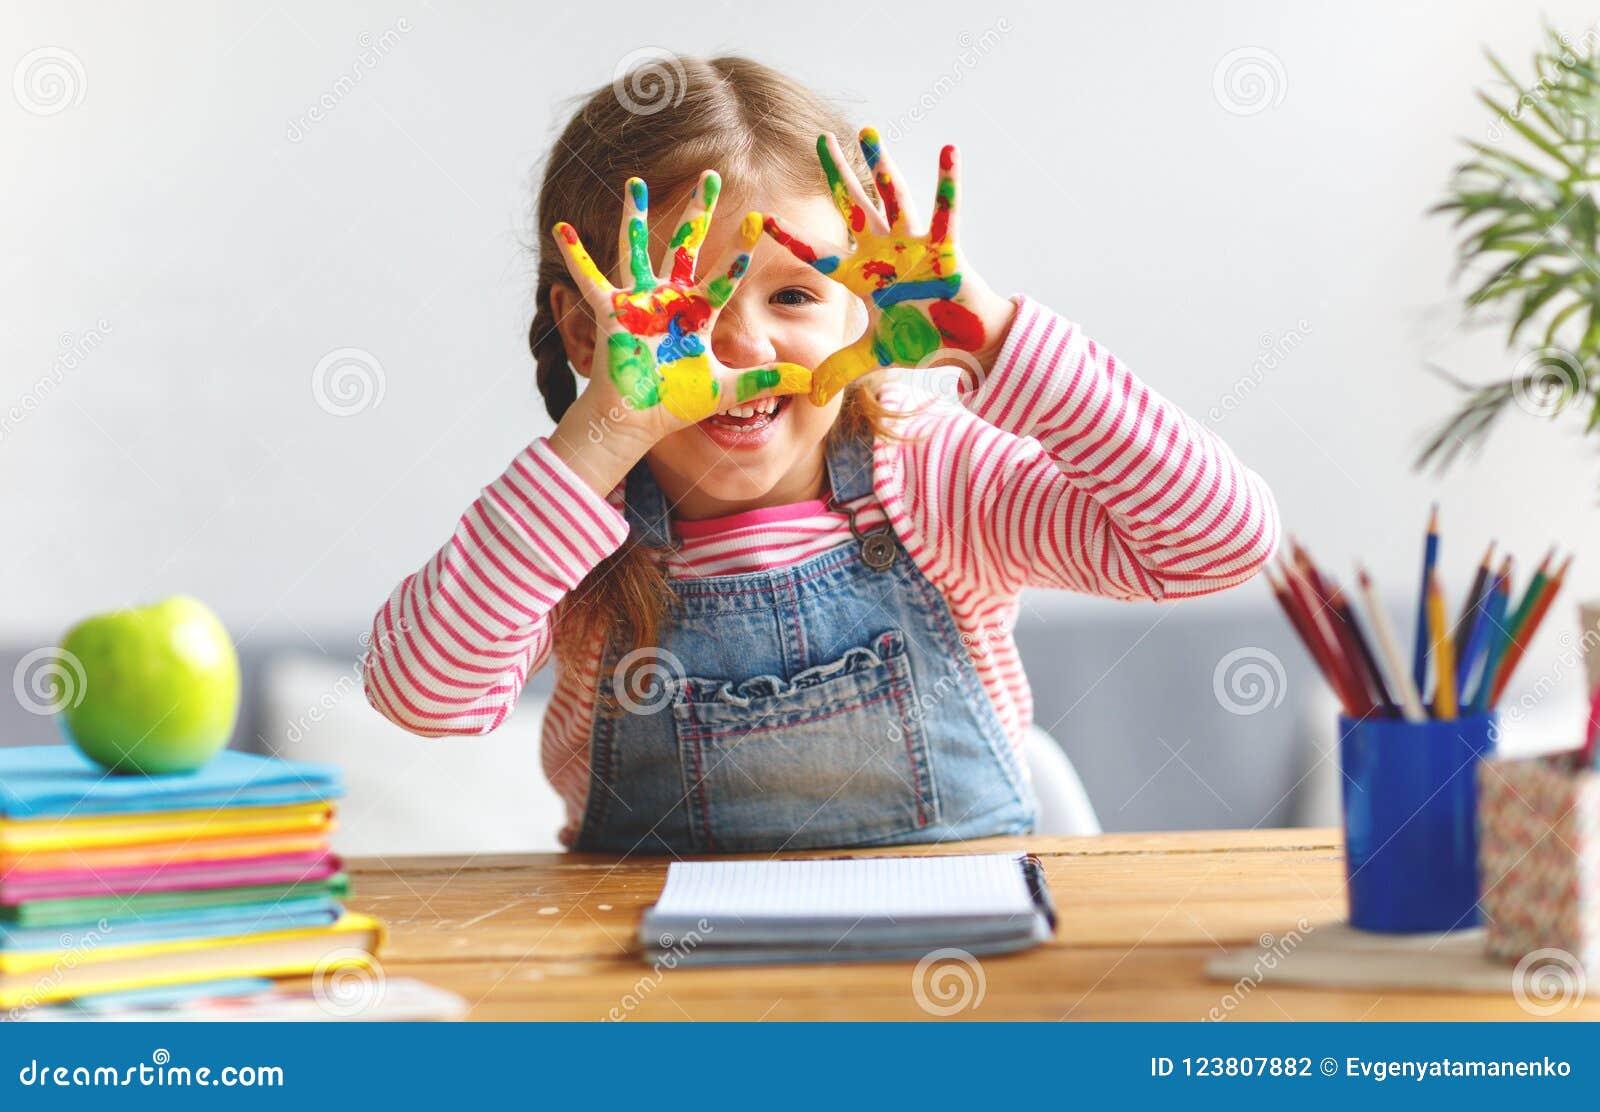 Lustiges Kindermädchen zeichnet die lachenden Showhände, die mit Farbe schmutzig sind